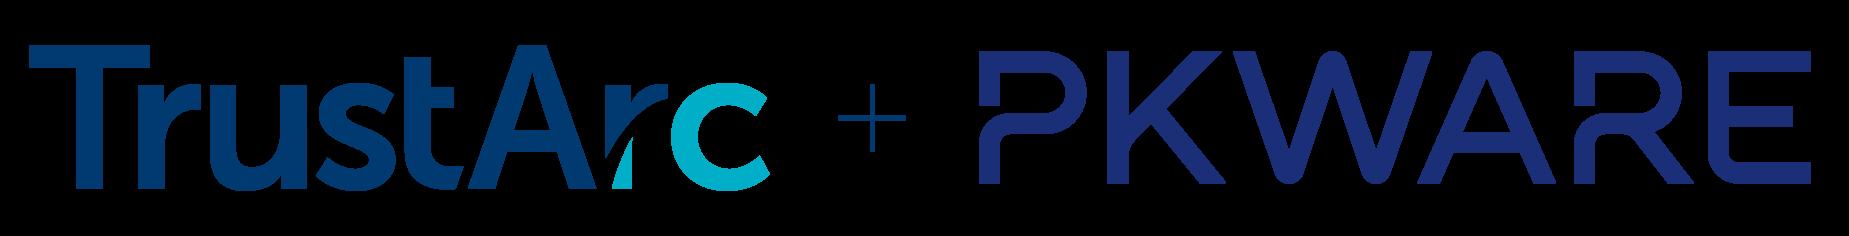 TrustArc-PKWARE-blue